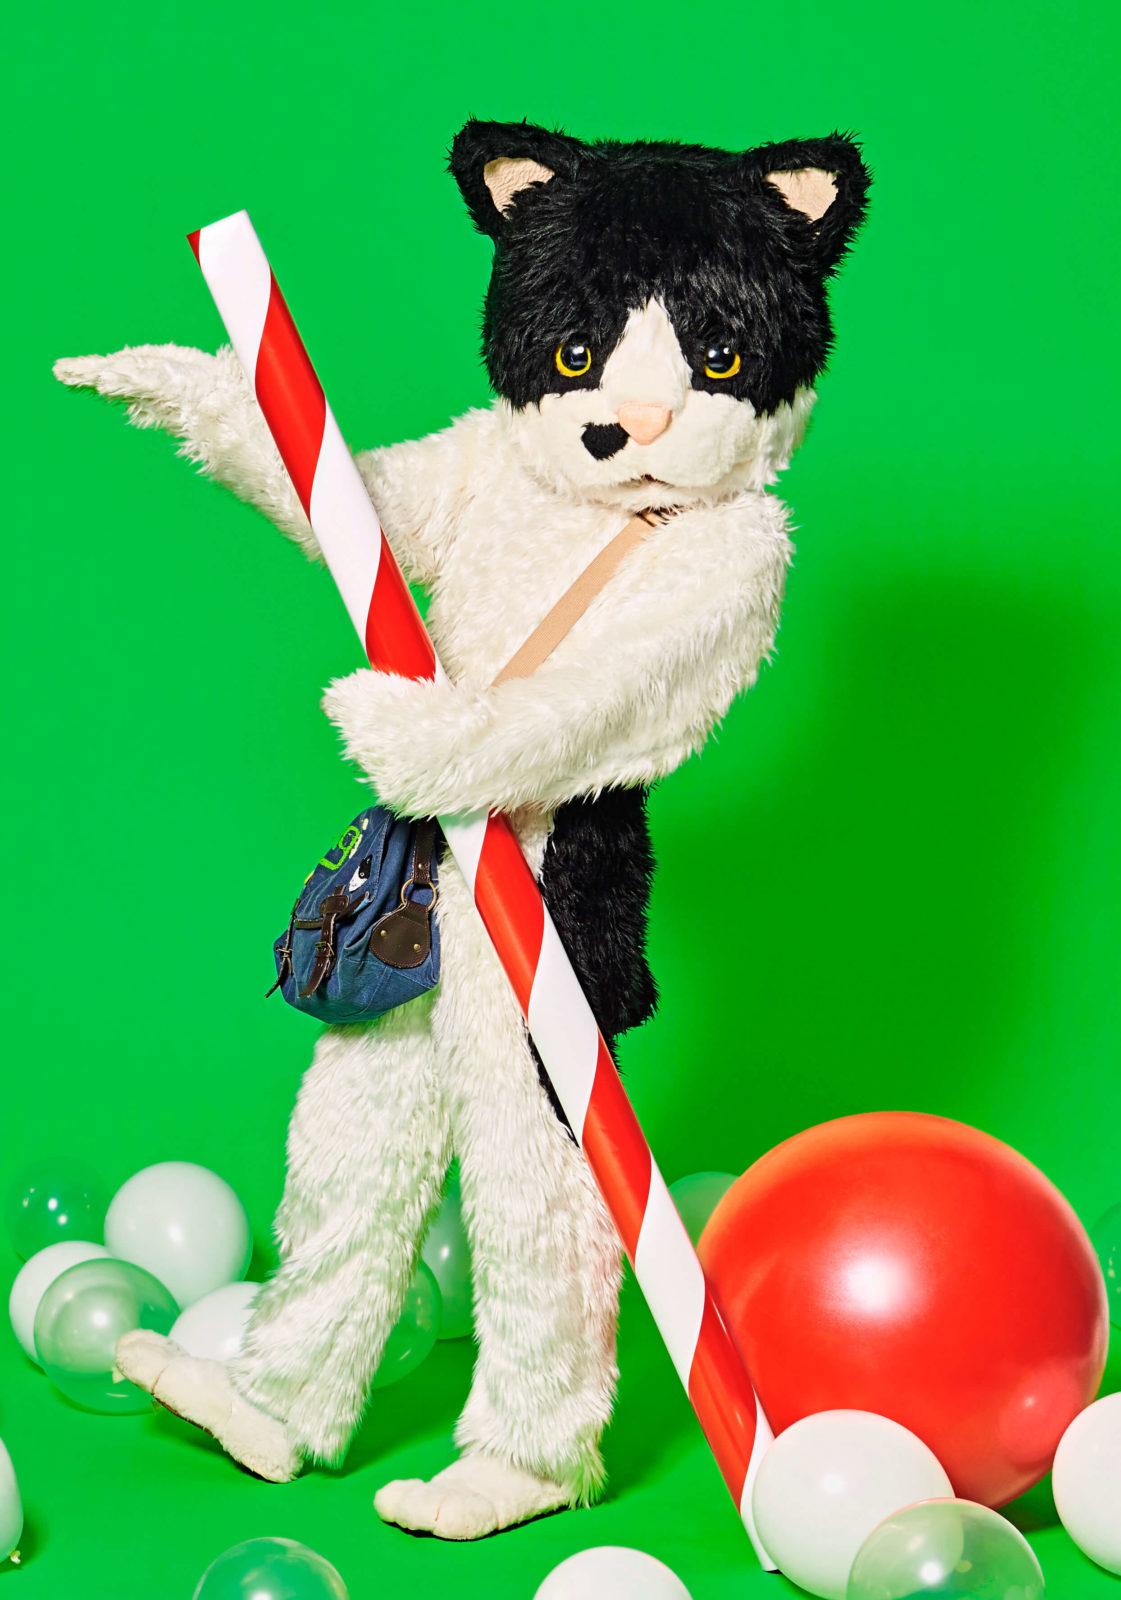 猫のミュージシャン むぎ(猫) 、スペシャ&ビクターLINE LIVEにてメジャーデビュー直前スペシャル番組を緊急配信サムネイル画像